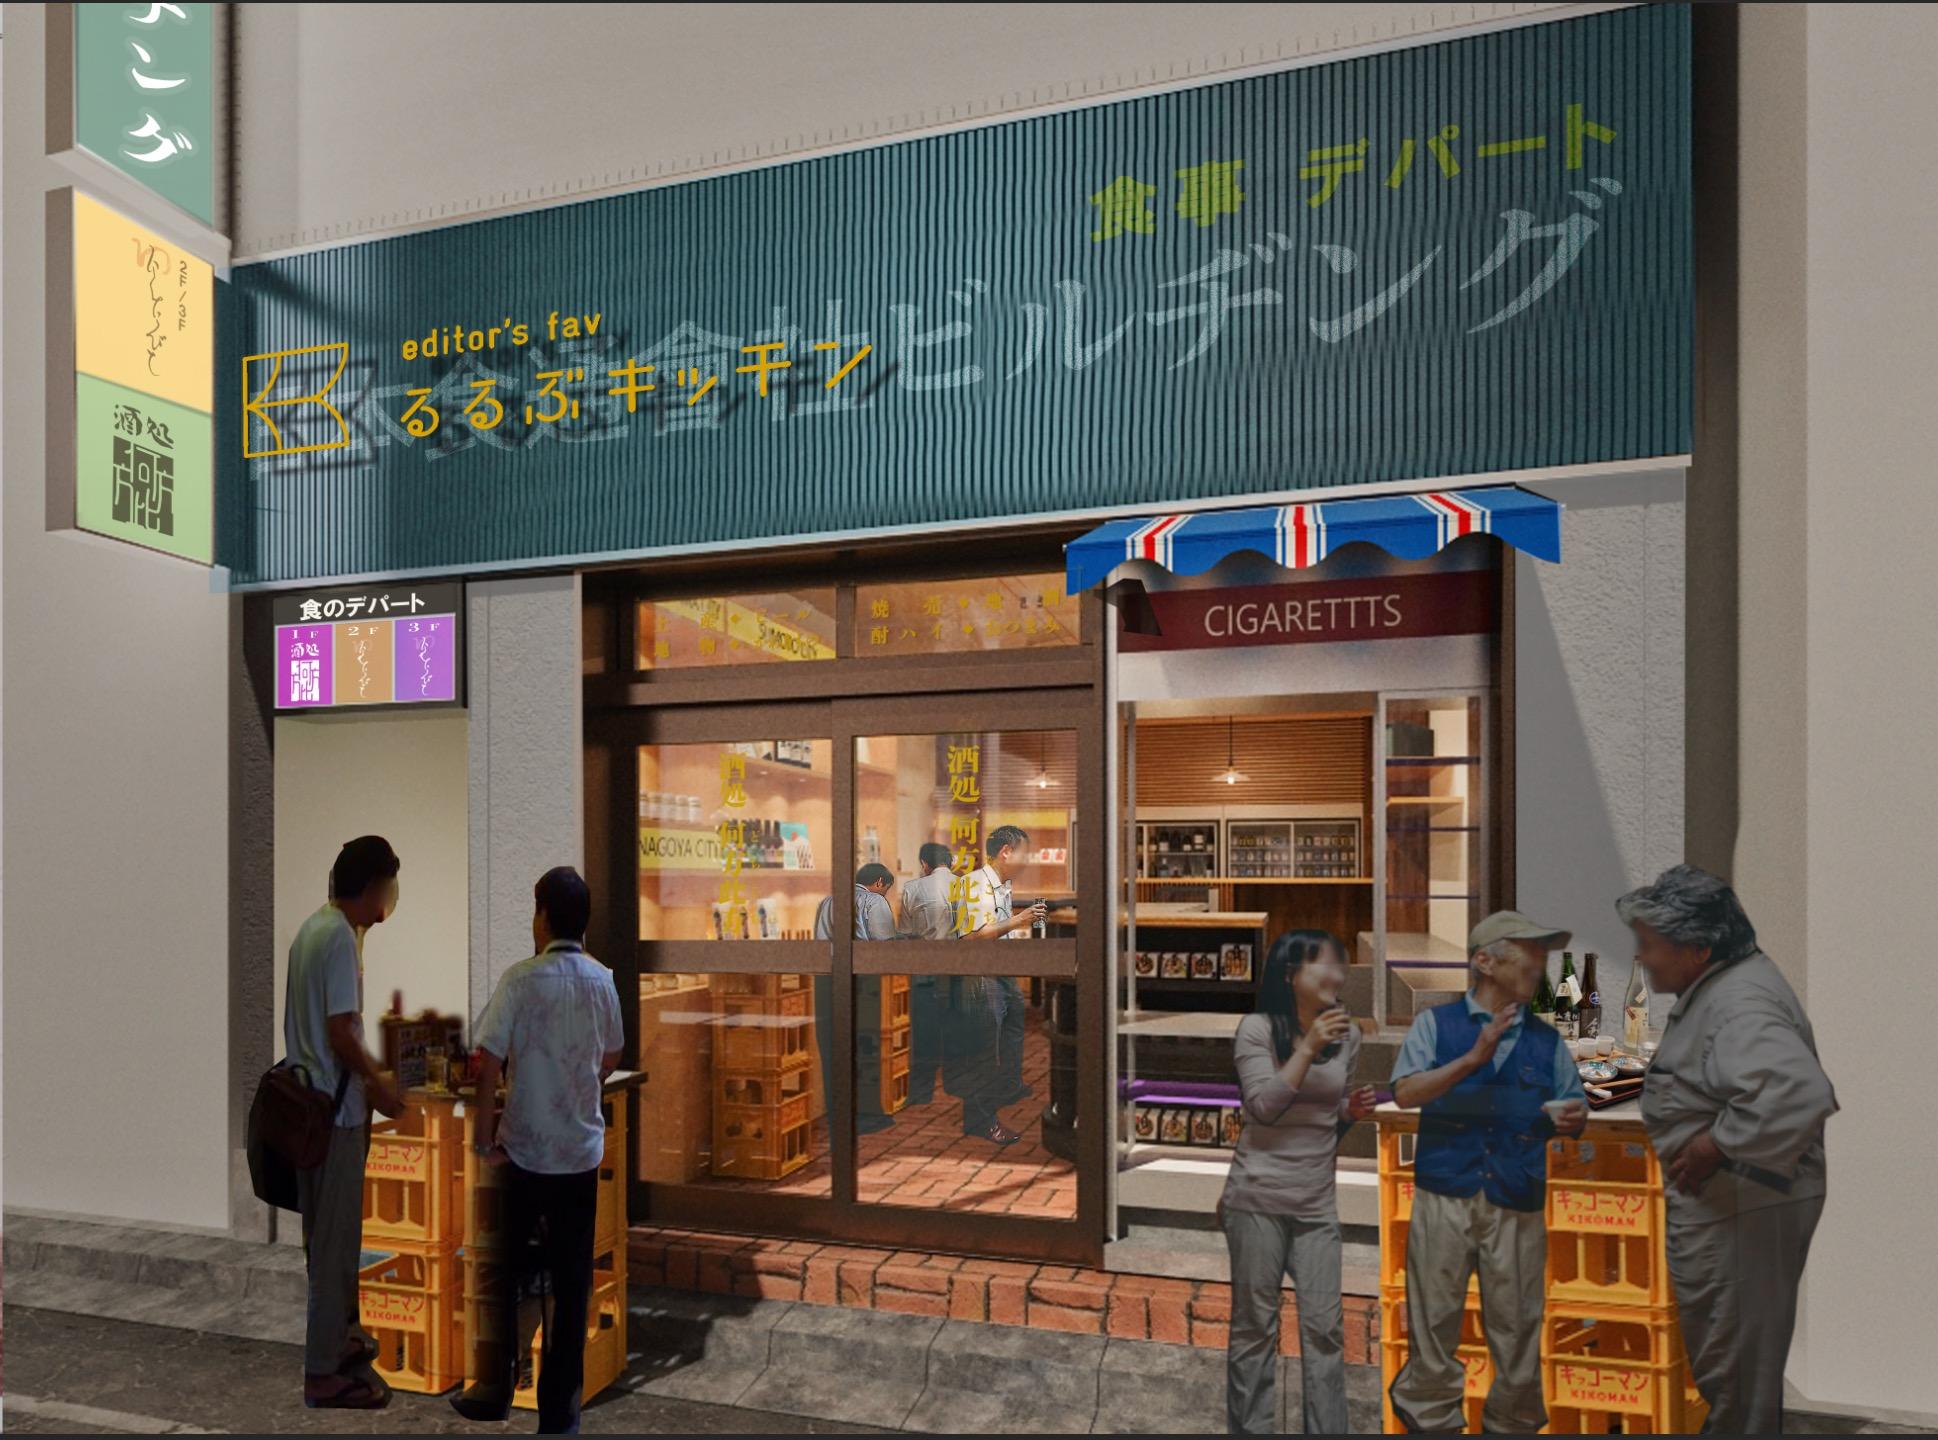 兵庫県洲本市とJTBパブリッシングシティプロモーション・まちづくり分野に関する包括連携協定を締結るるぶキッチンビルヂング「酒処 」内にSUMOTO STANDオープン